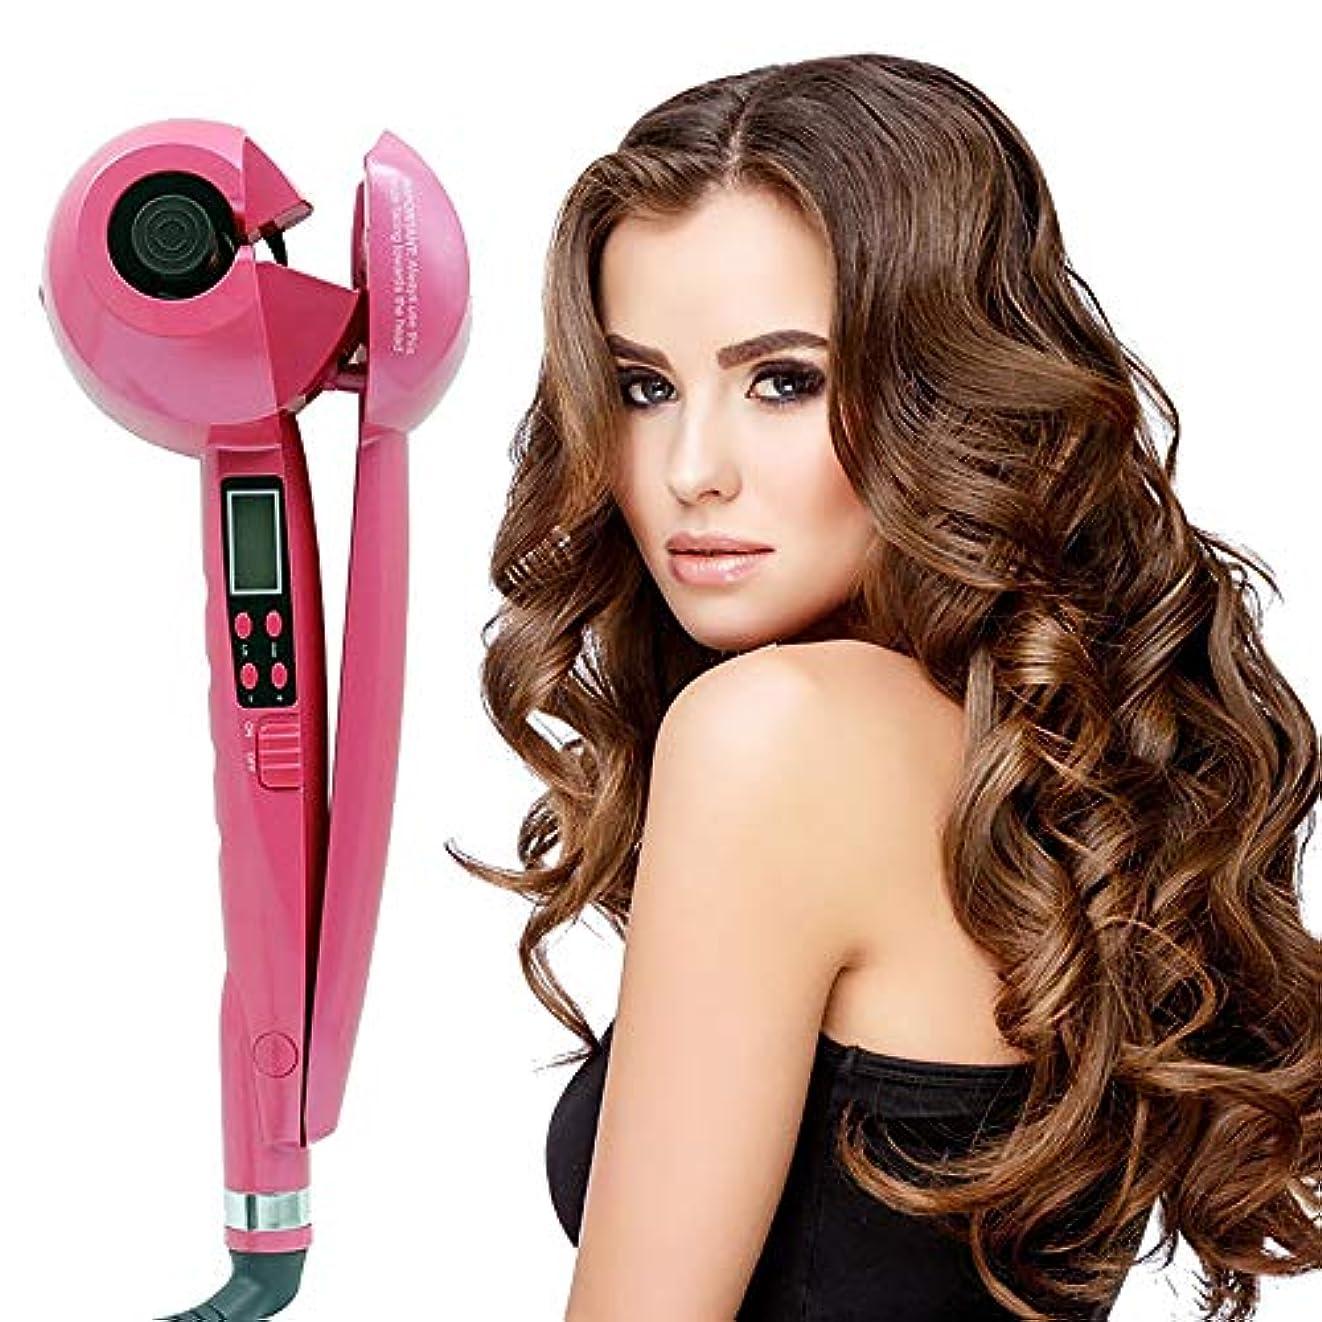 ちらつき仕出します対処する職業マイナスイオンヘアカーラー、液晶全自動セラミックス理髪ツール、マルチスタイラーロングショートウェットドライヘア用髪にダメージなし